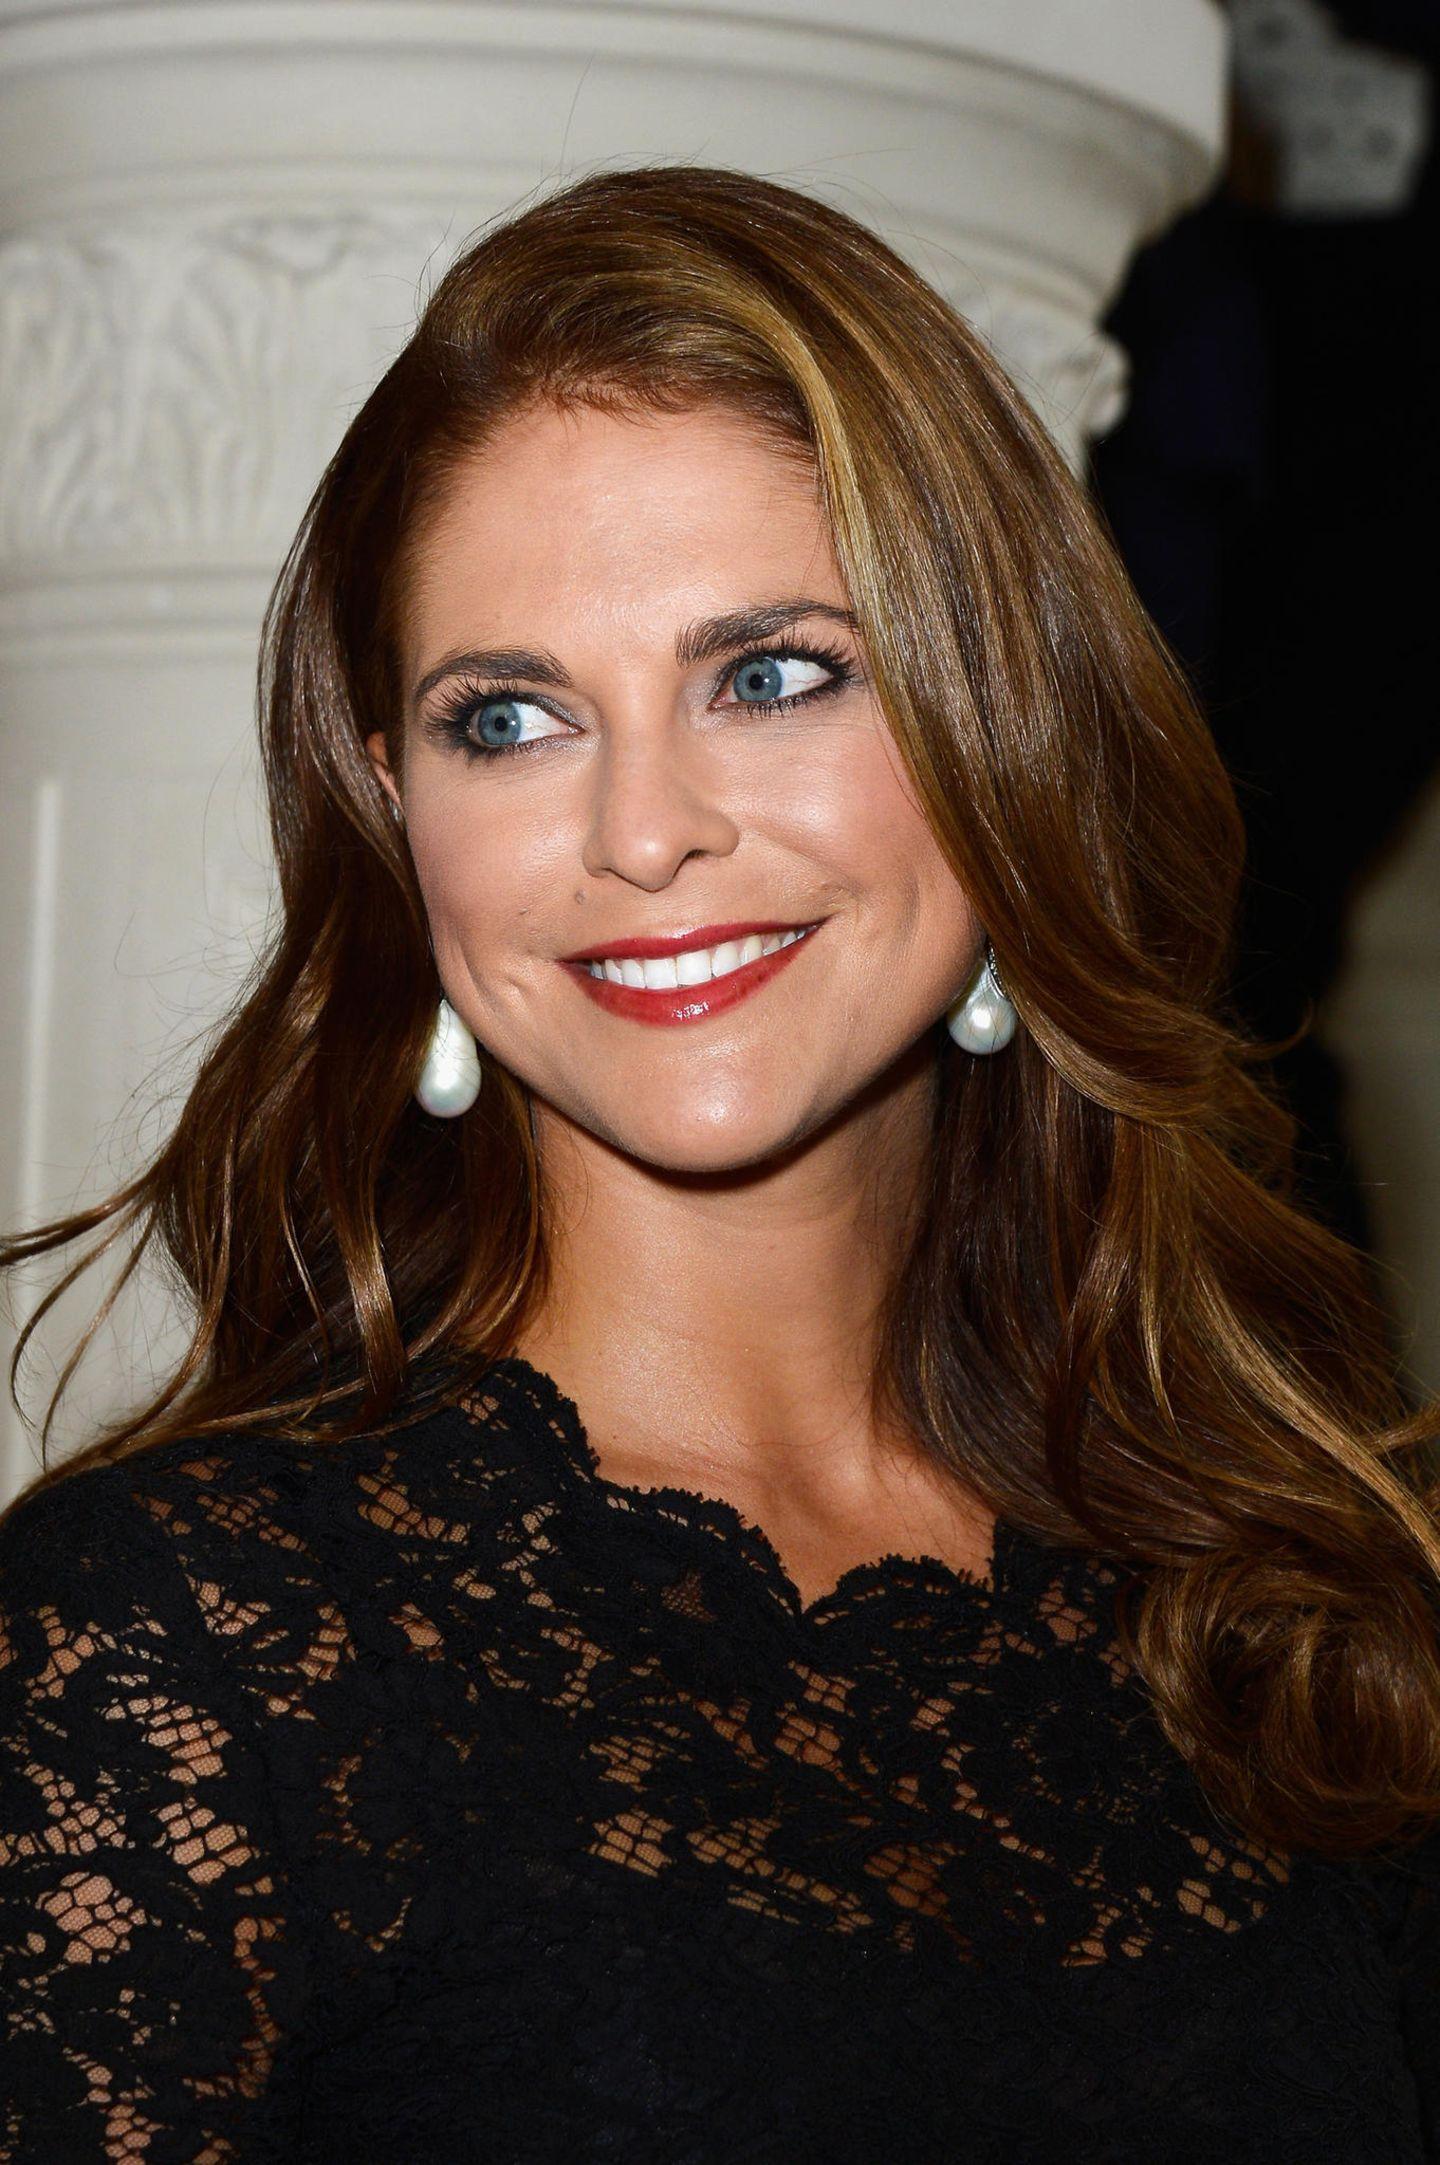 Makeup-Looks der Royals: Prinzessin Madeleine mit roten Lippen